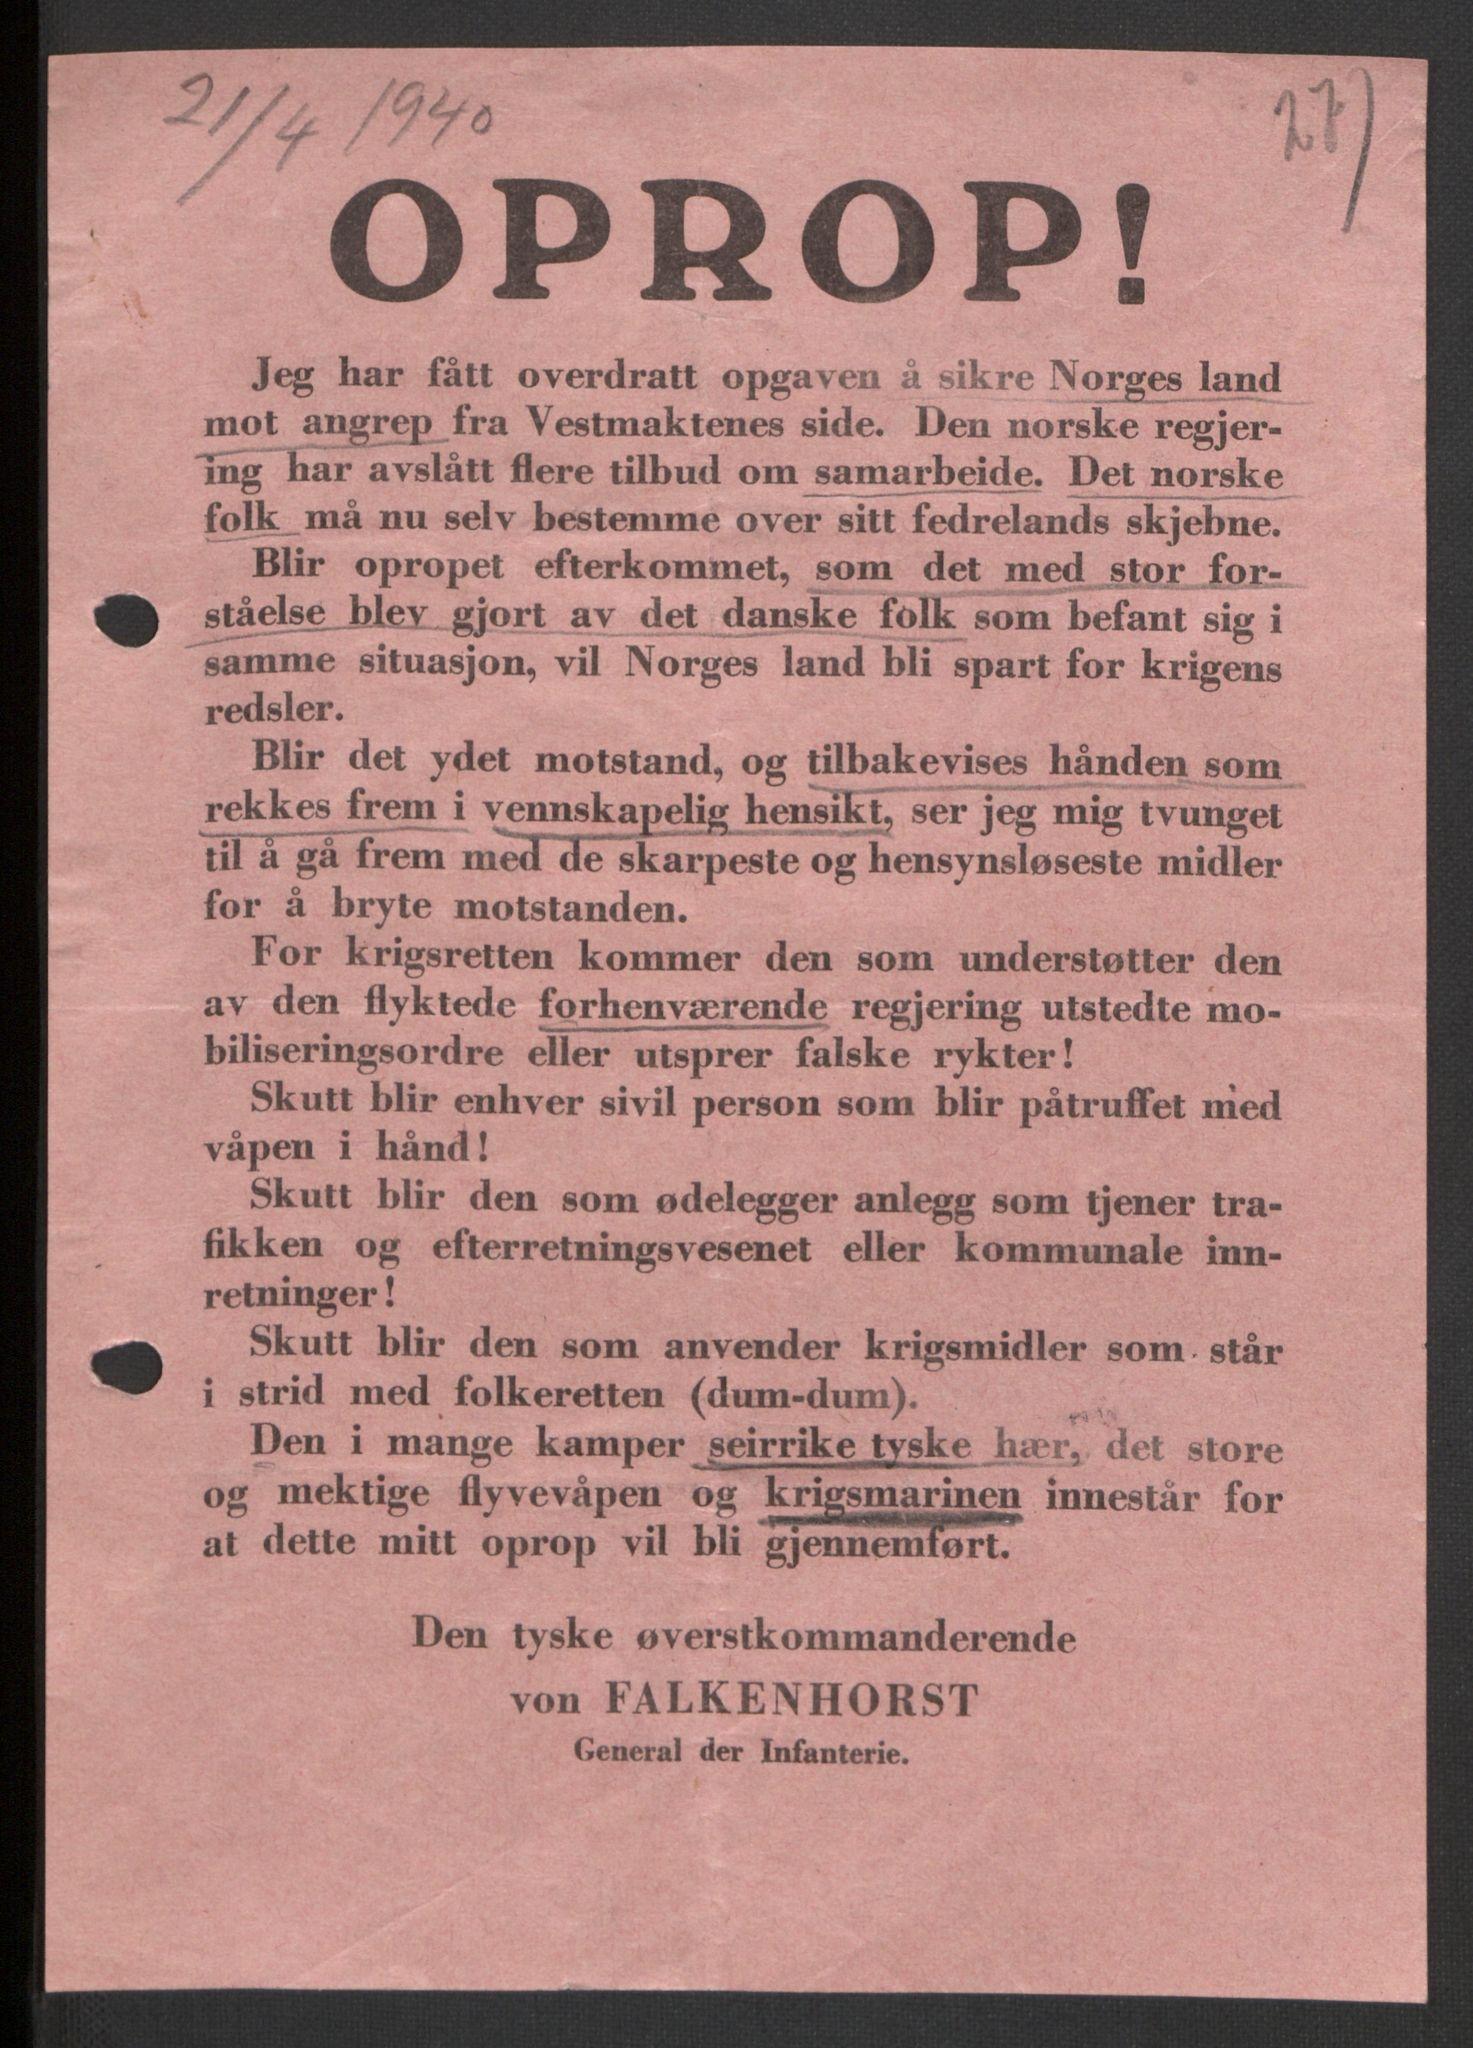 RA, Forsvaret, Forsvarets krigshistoriske avdeling, Y/Yb/L0104: II-C-11-430  -  4. Divisjon., 1940, s. 277